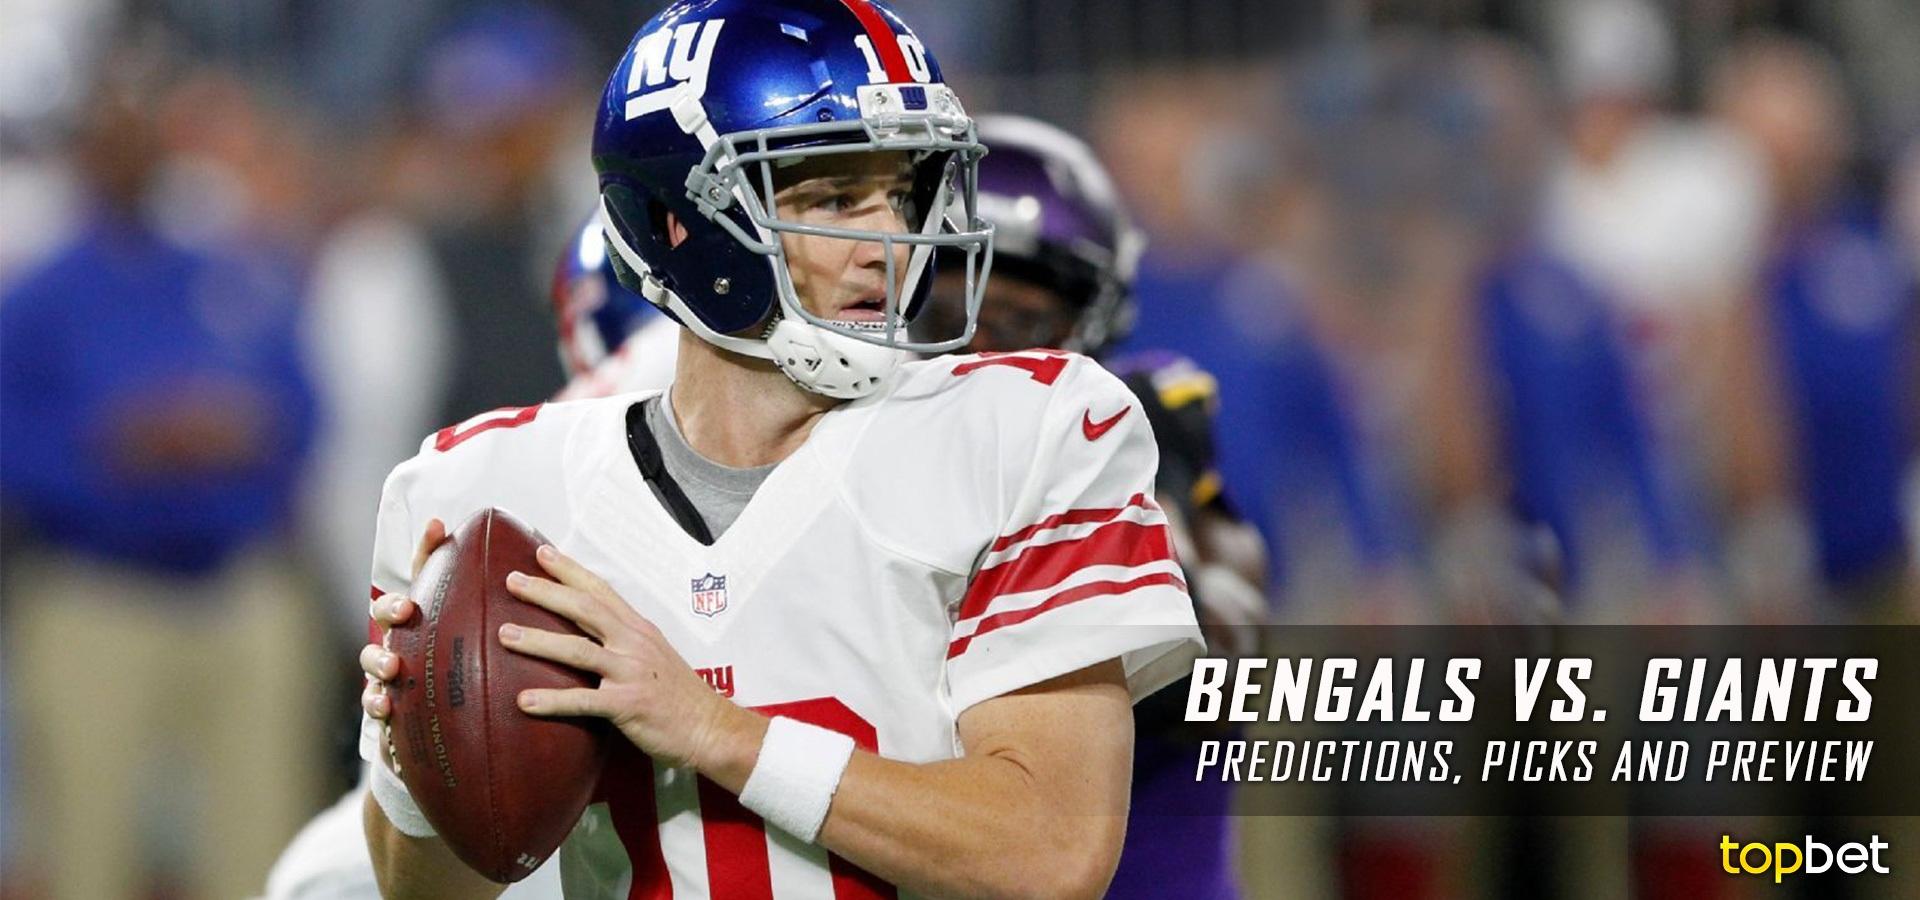 b58e9a33 Cincinnati Bengals vs New York Giants Predictions and Picks